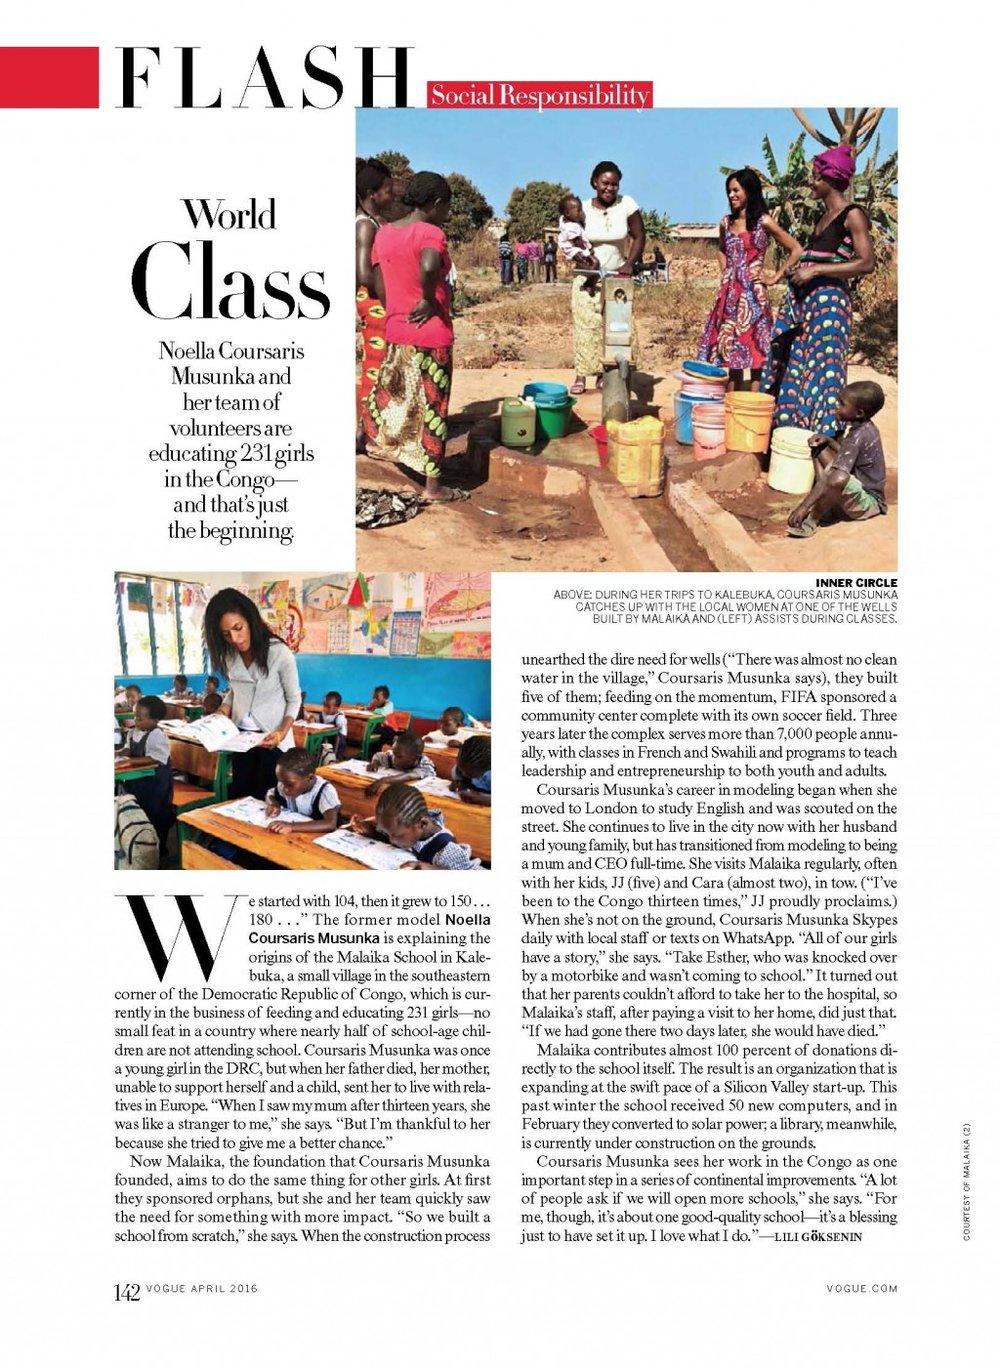 2016-03-Vogue-1024x1402.jpg